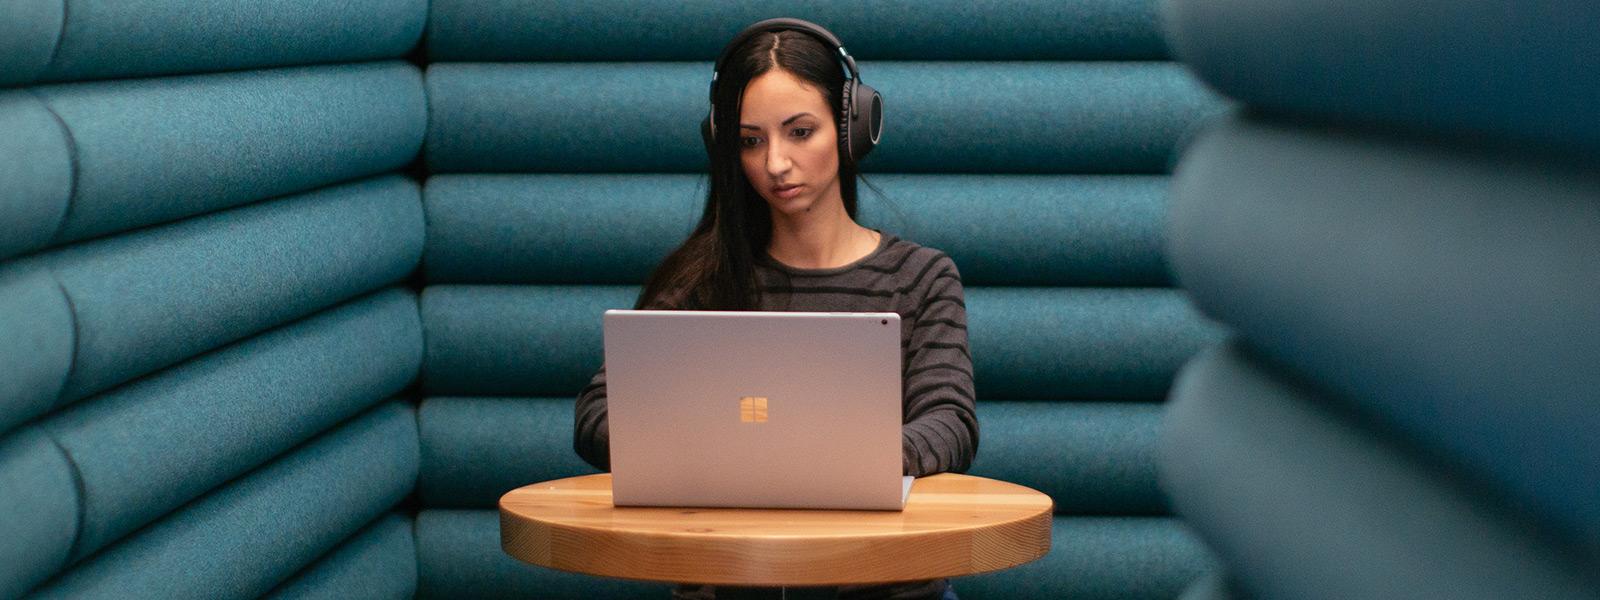 Eine Frau sitzt ruhig in Abgeschiedenheit und trägt Kopfhörer, während sie an ihrem Windows 10-PC arbeitet